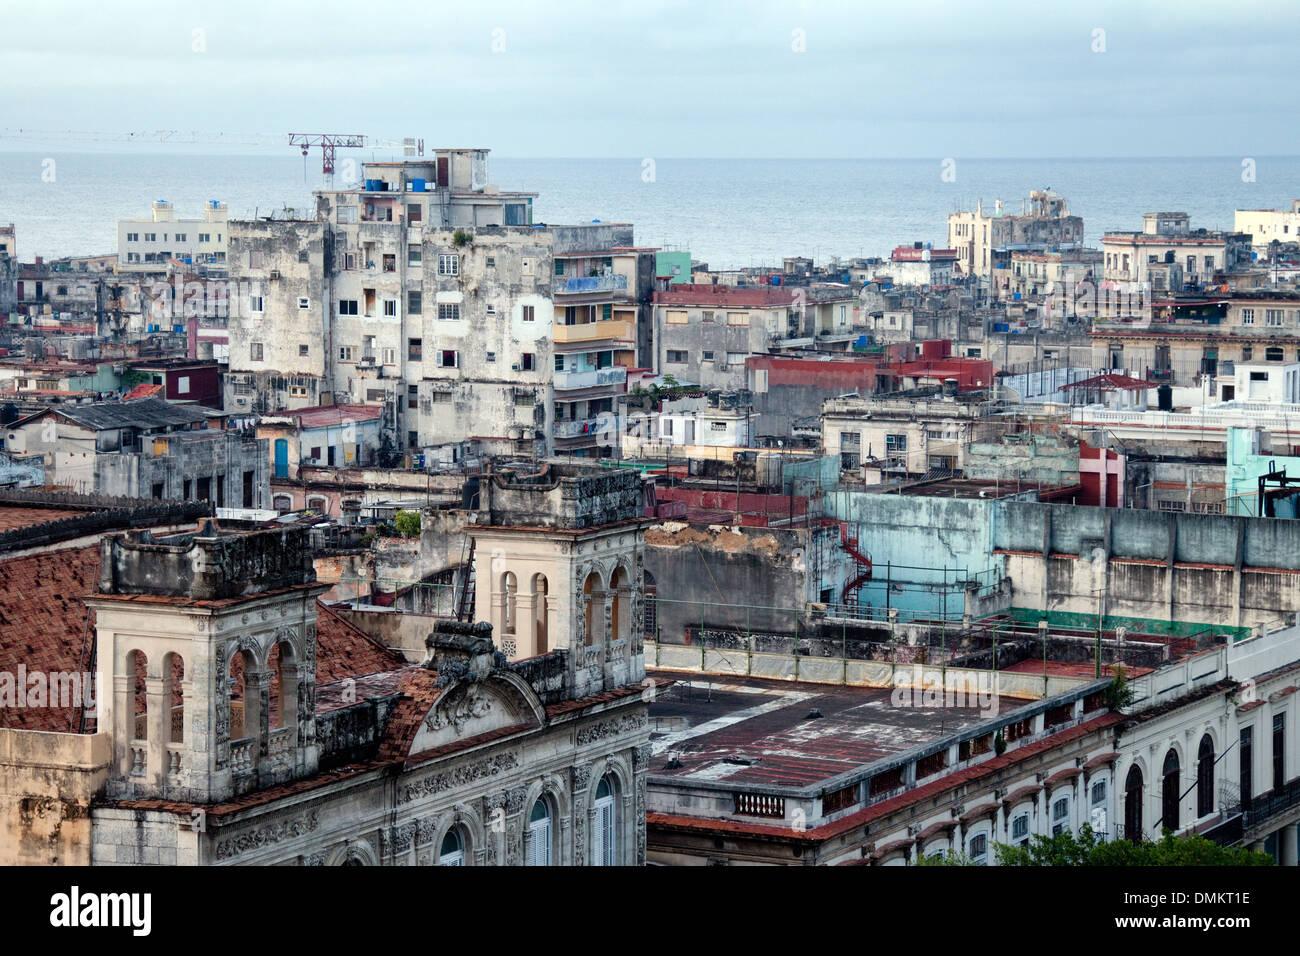 La Habana Cuba skyline del distrito pobre - ejemplo de pobreza, Cuba, El Caribe Imagen De Stock